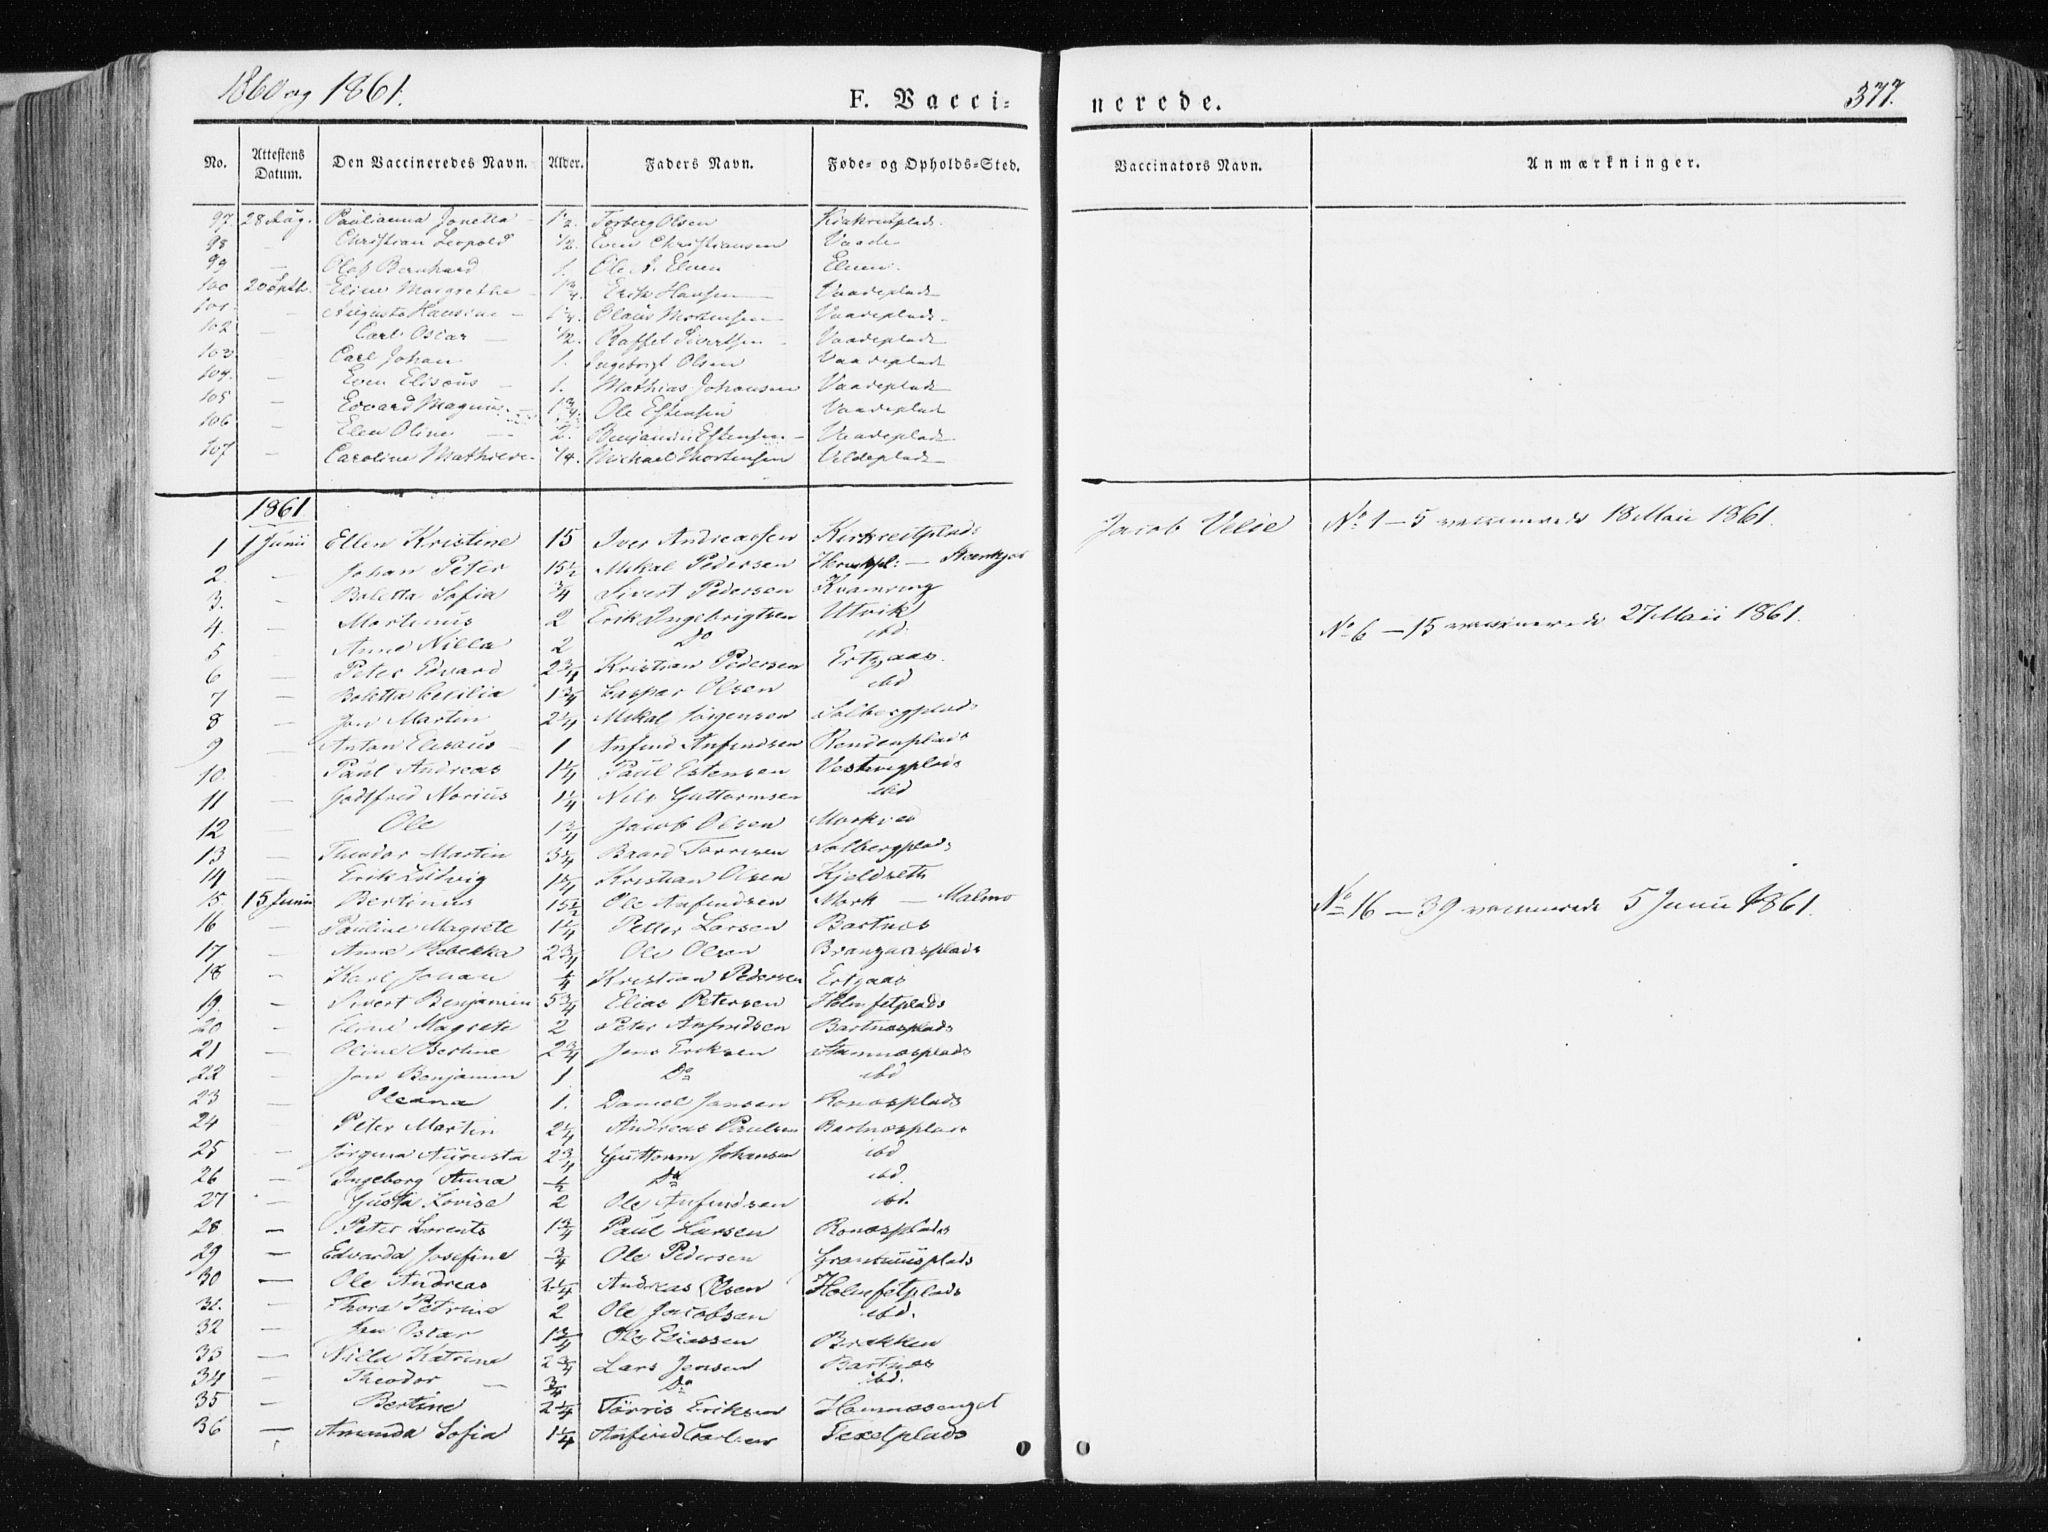 SAT, Ministerialprotokoller, klokkerbøker og fødselsregistre - Nord-Trøndelag, 741/L0393: Ministerialbok nr. 741A07, 1849-1863, s. 377